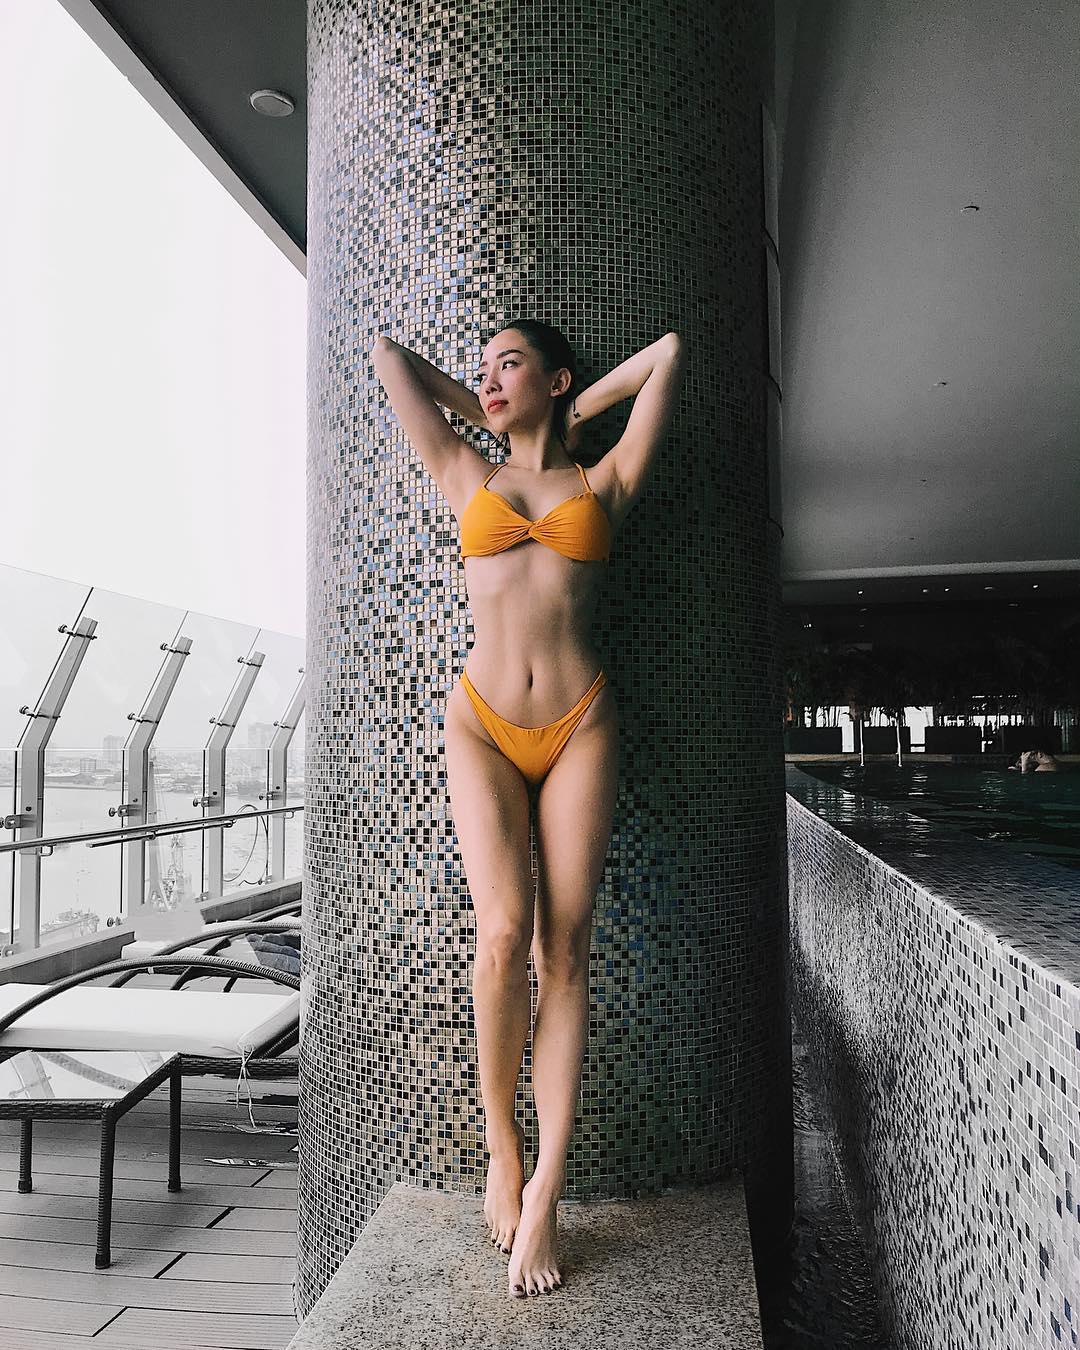 Ngoài Bích Phương, showbiz Việt còn những đôi chân 'cực phẩm' nhìn là mê - Ảnh 9